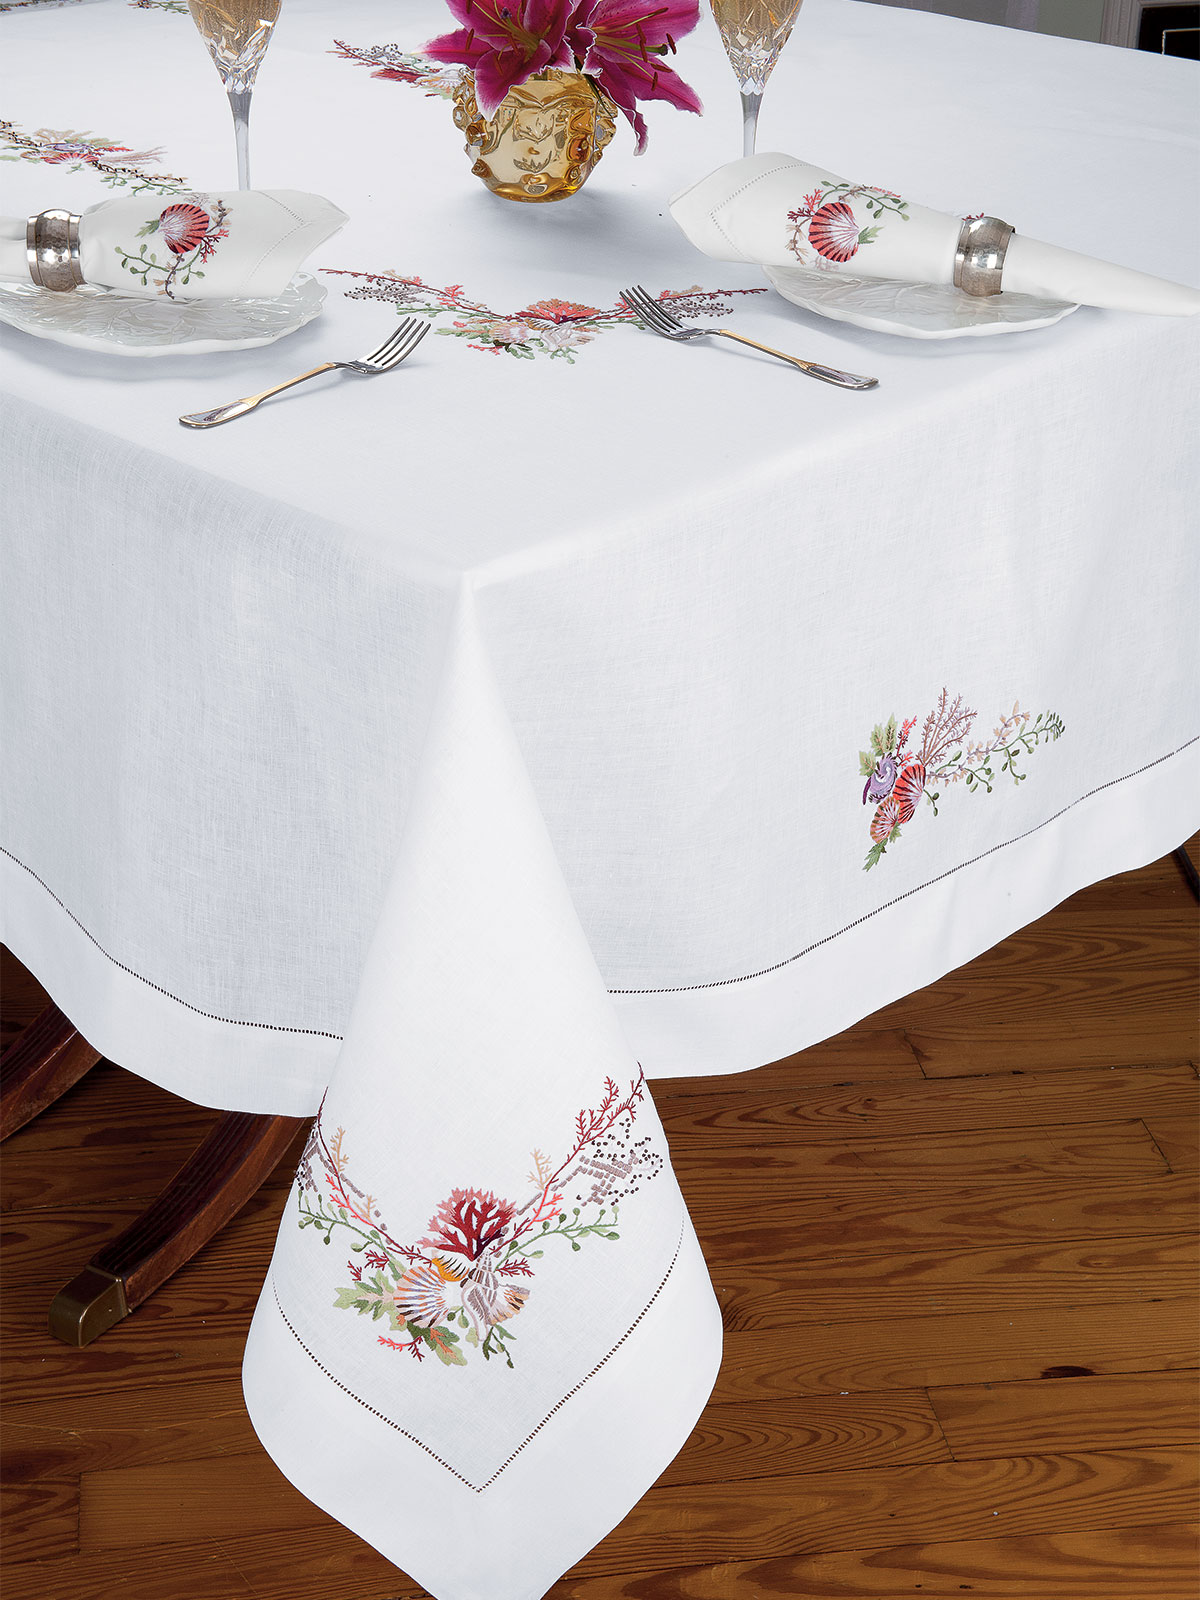 Palm Beach - Fine Table Linens - Schweitzer Linen 1d1767ccb